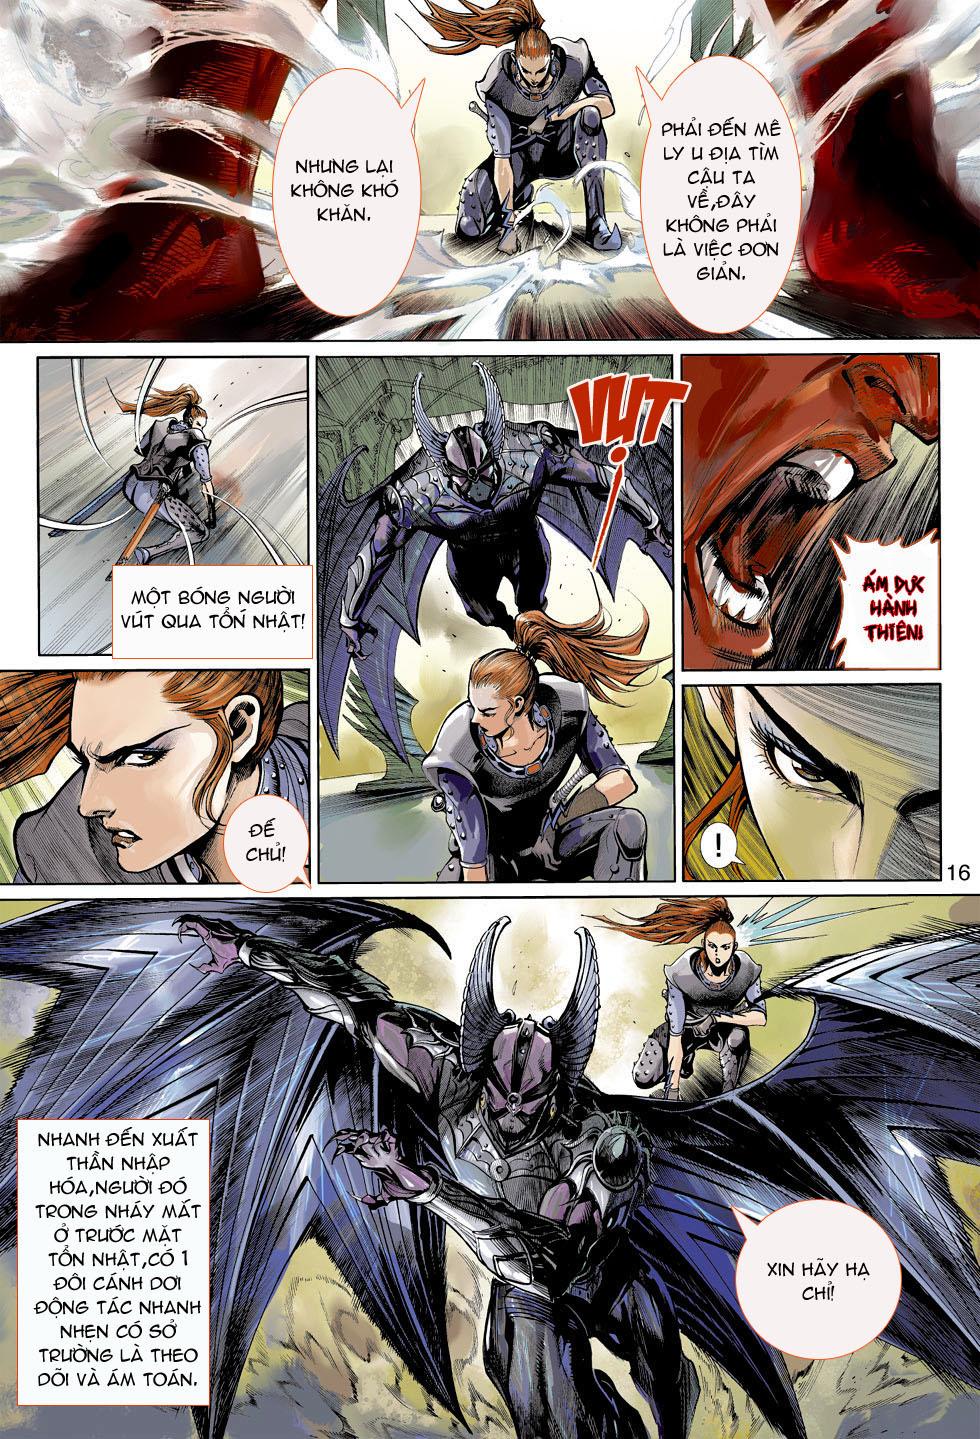 Thần Binh 4 chap 4 - Trang 16